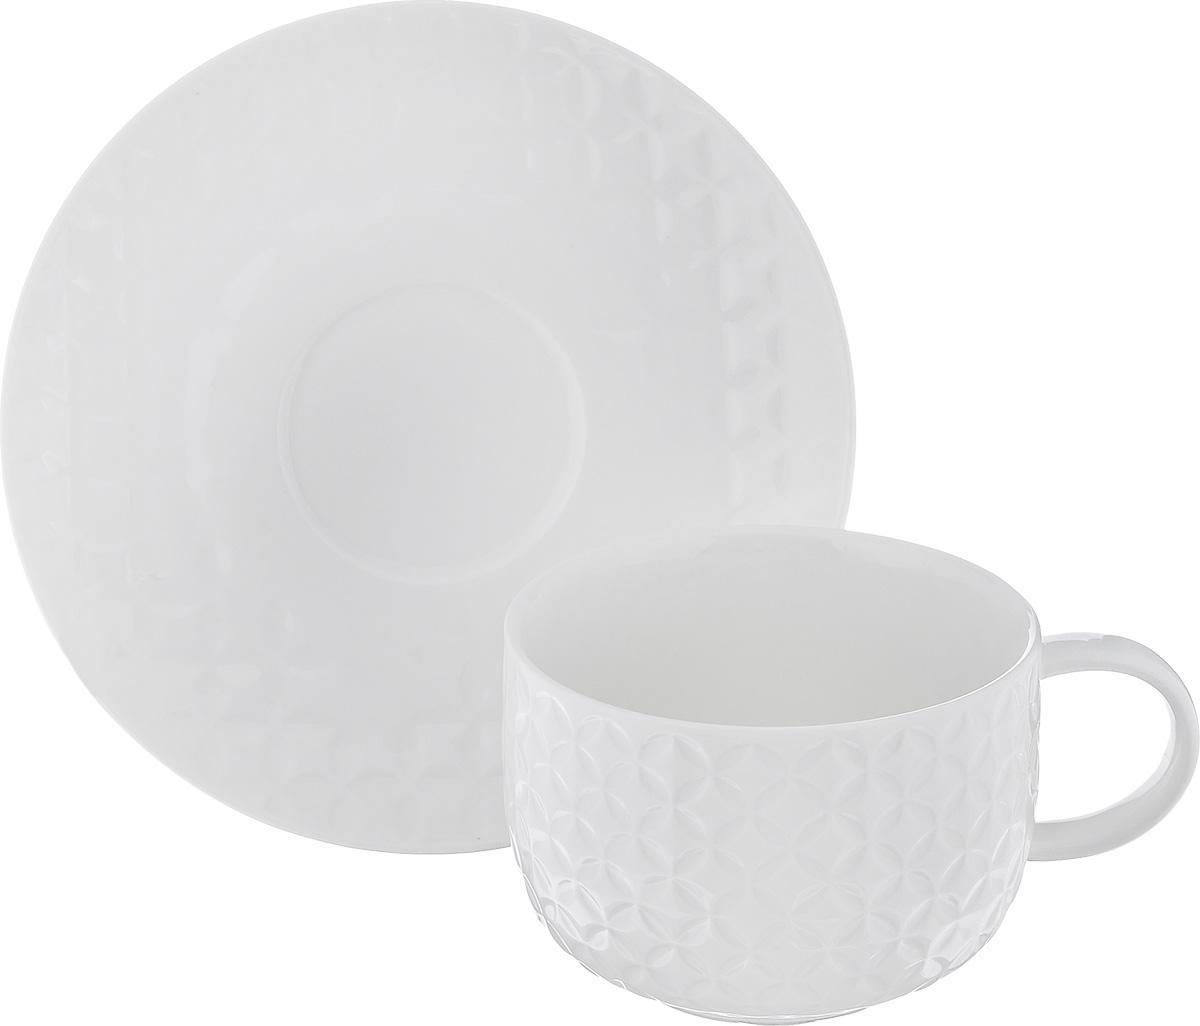 Чайная пара Walmer Quincy, цвет: молочный, 2 предметаW07570025Чайная пара Walmer Quincy состоит из чашки и блюдца, изготовленных из фарфора белого цвета. Внешние стенки чашки декорированы объемным изображением орнамента. Чайная пара Walmer Quincy украсит ваш кухонный стол, а также станет замечательным подарком к любому празднику. Объем чашки: 250 мл. Диаметр чашки (по верхнему краю): 9,2 см. Диаметр основания: 5 см. Высота чашки: 6,5 см. Диаметр блюдца (по верхнему краю): 15,5 см.